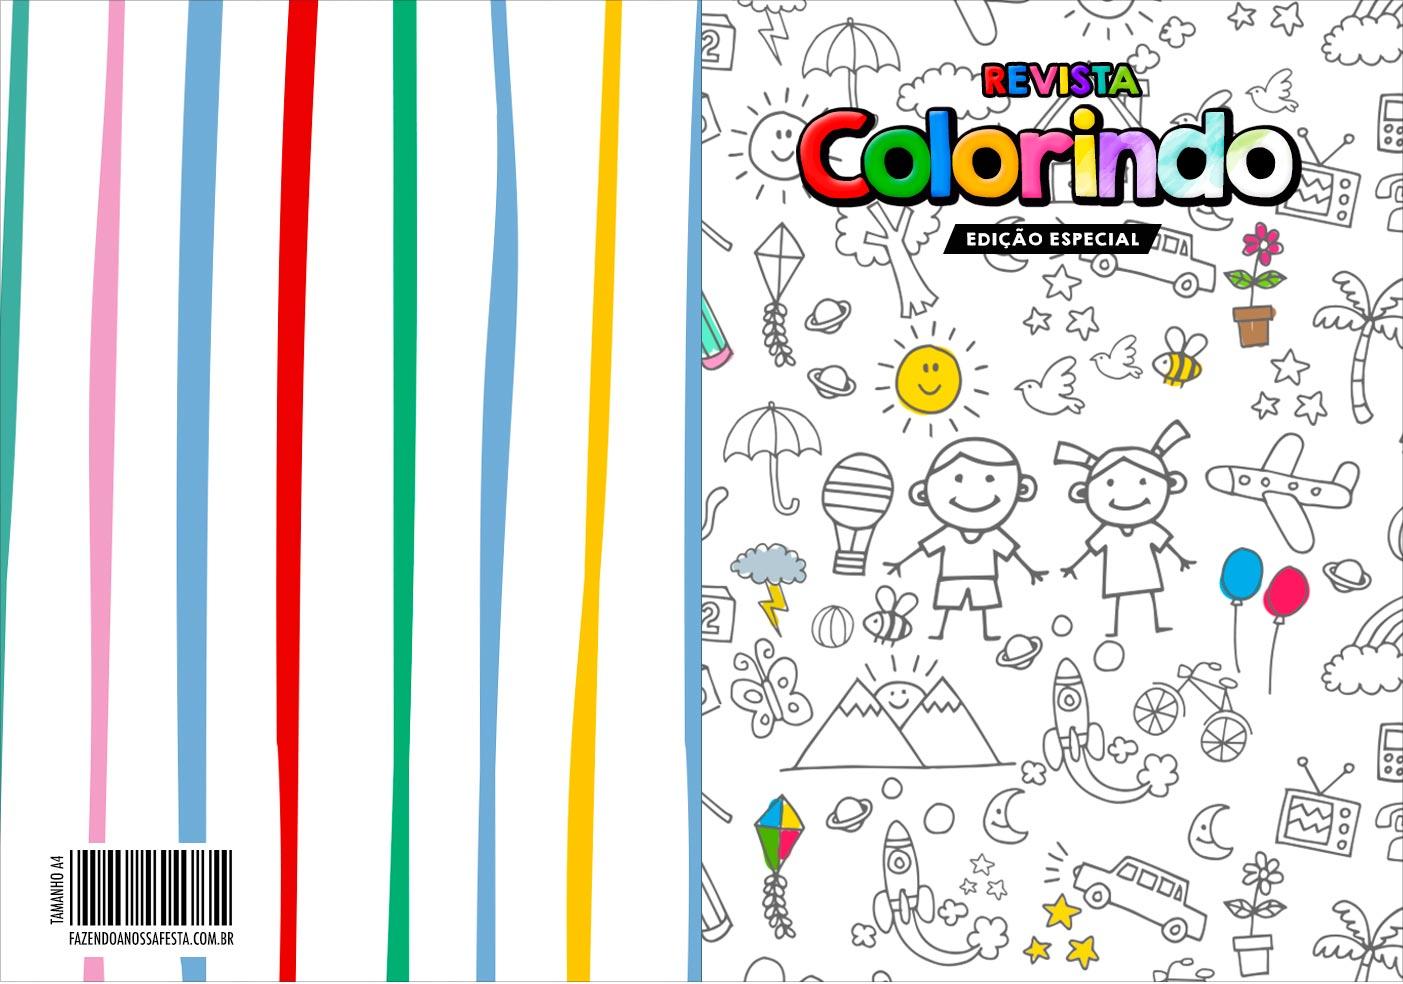 Capa Livrinho para Colorir Dia das Criancas para colorir